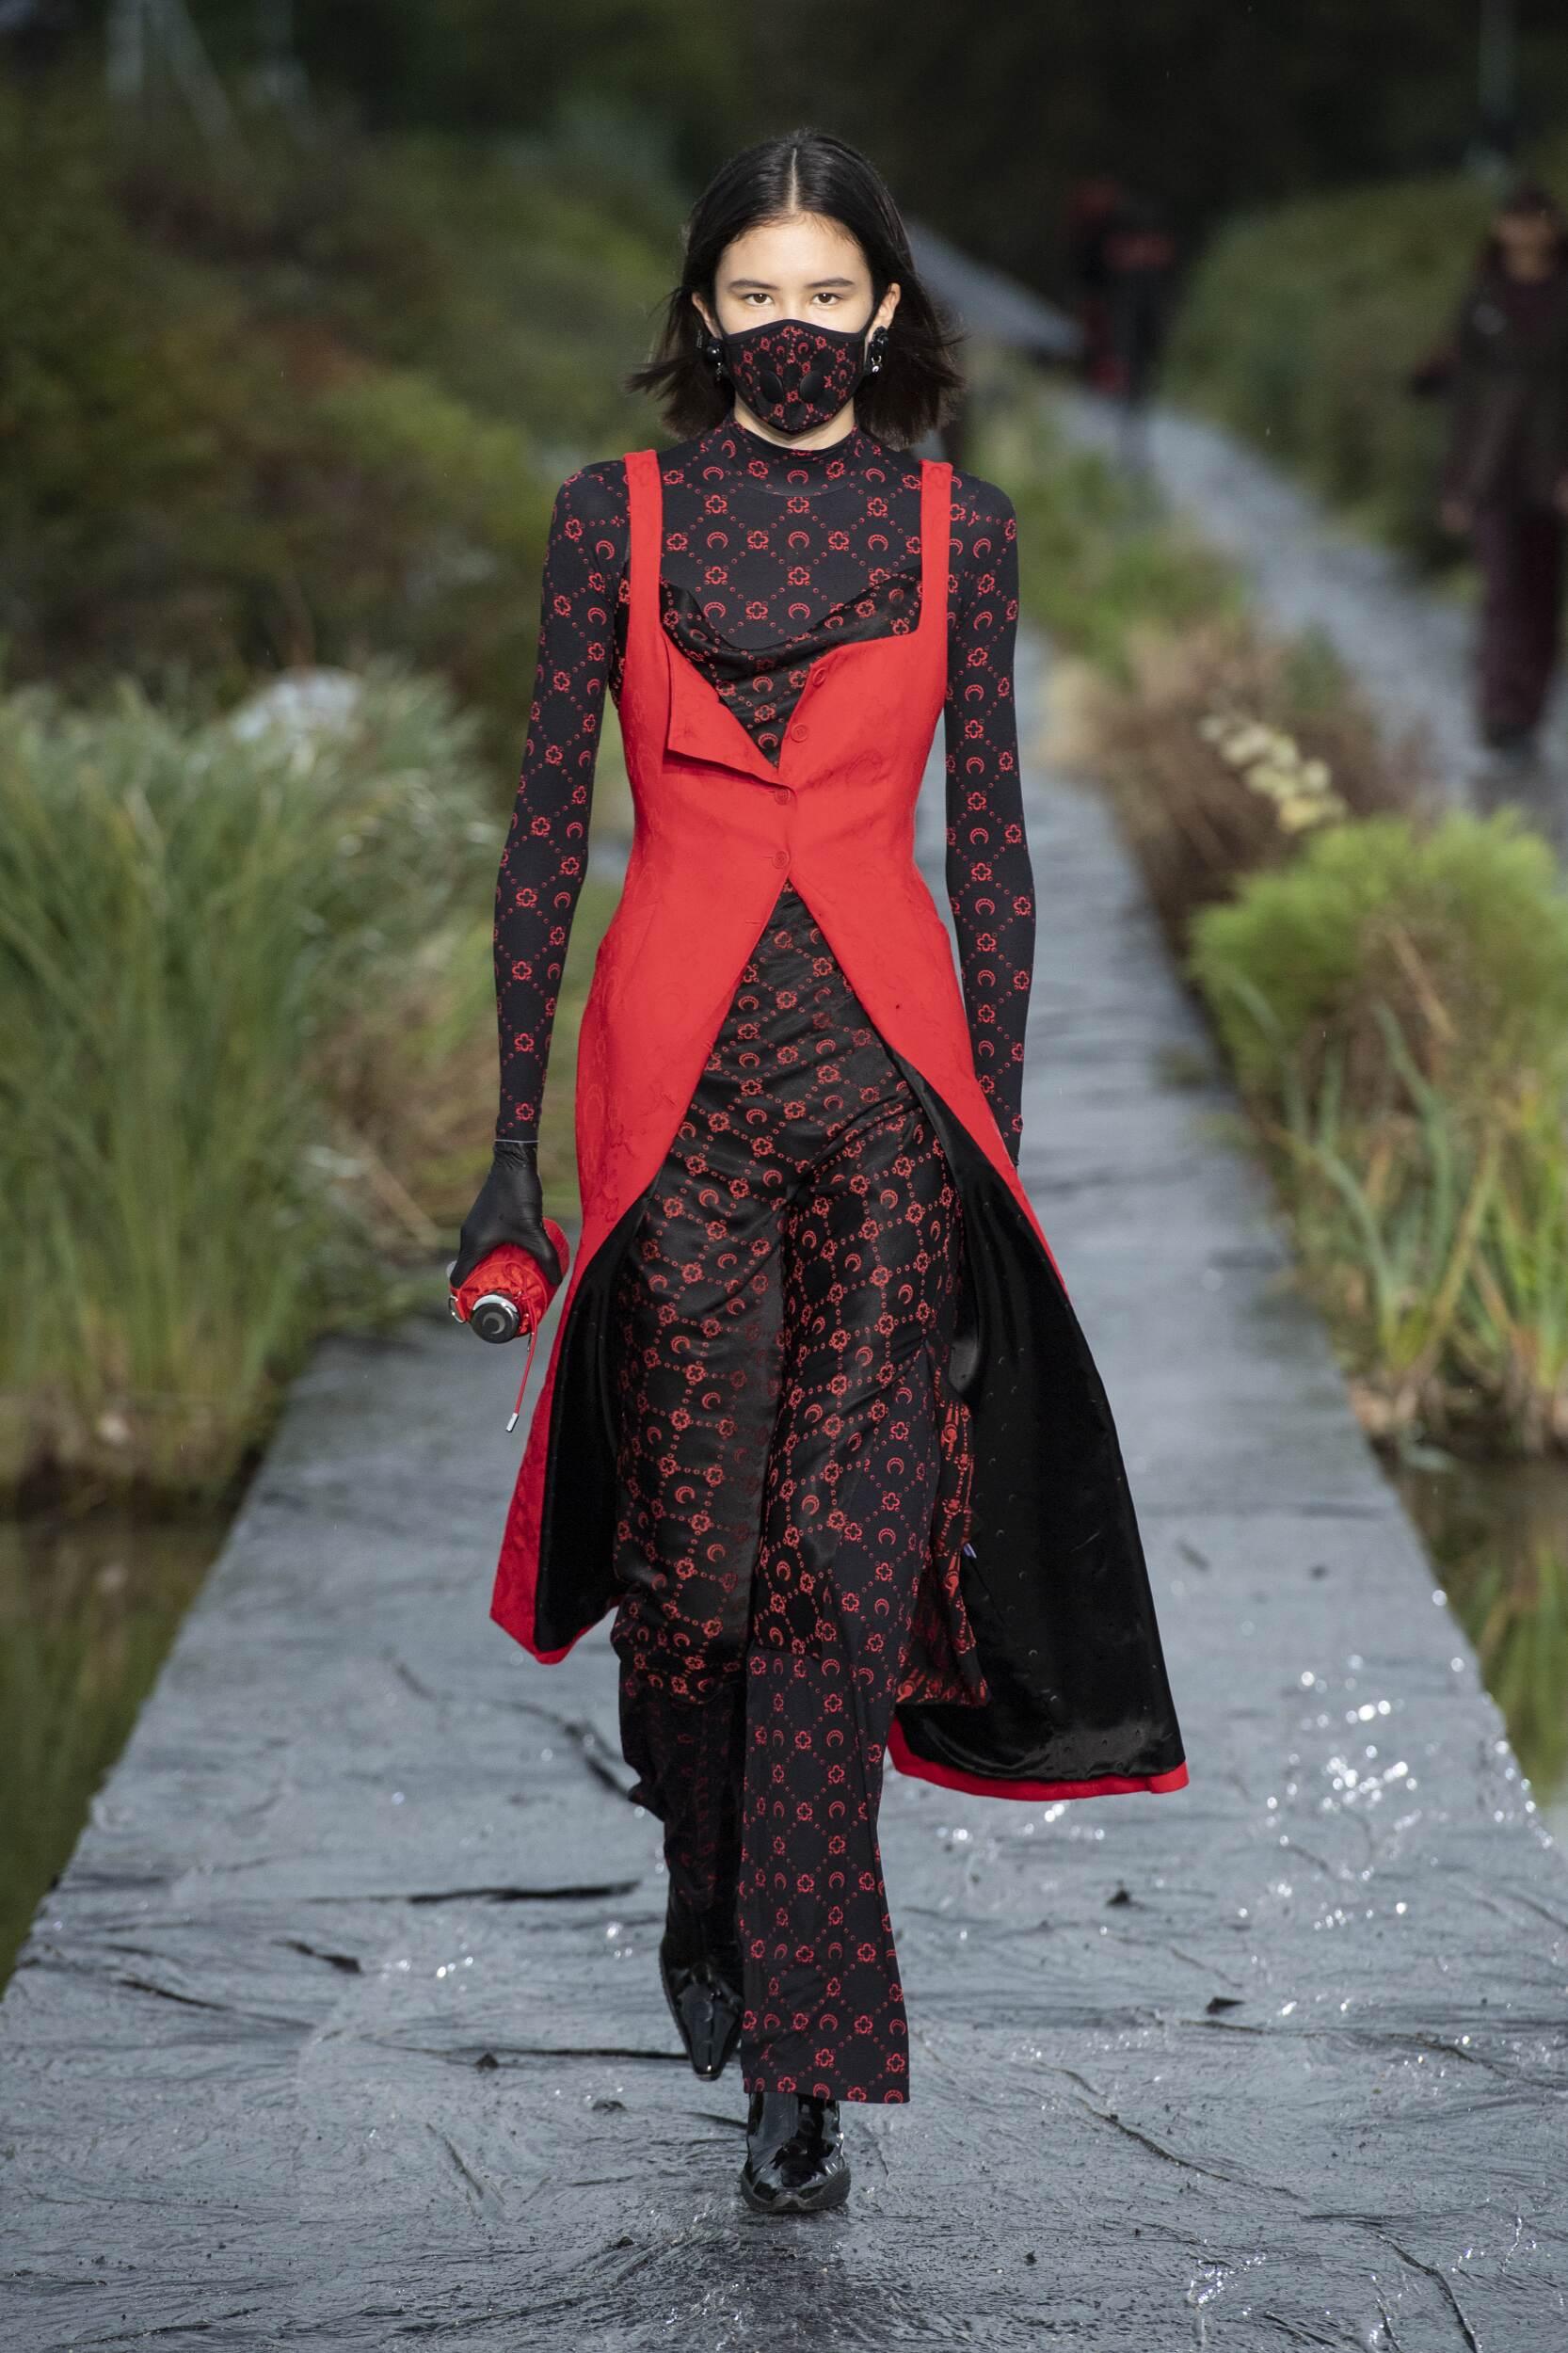 Runway Marine Serre Spring Summer 2020 Women's Collection Paris Fashion Week